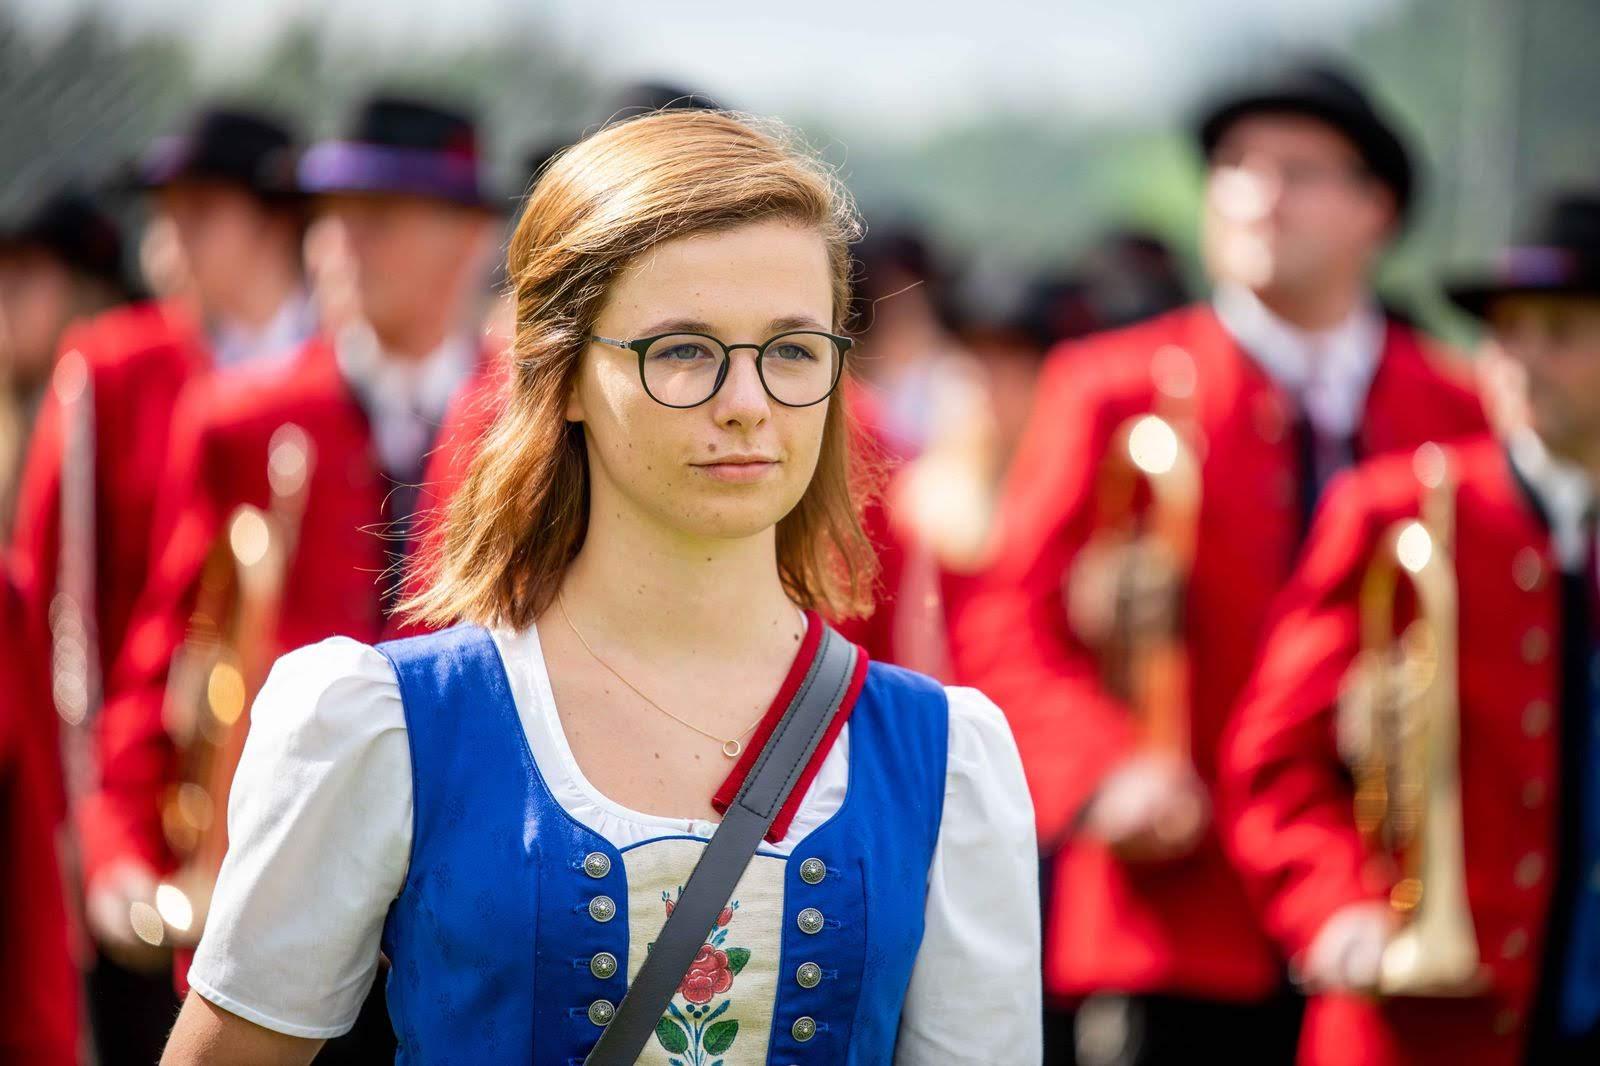 2019.06.01 Bezirksmusikfest Kaltenberg (Erwin Pils/Gutau) - EL3A3068_kl